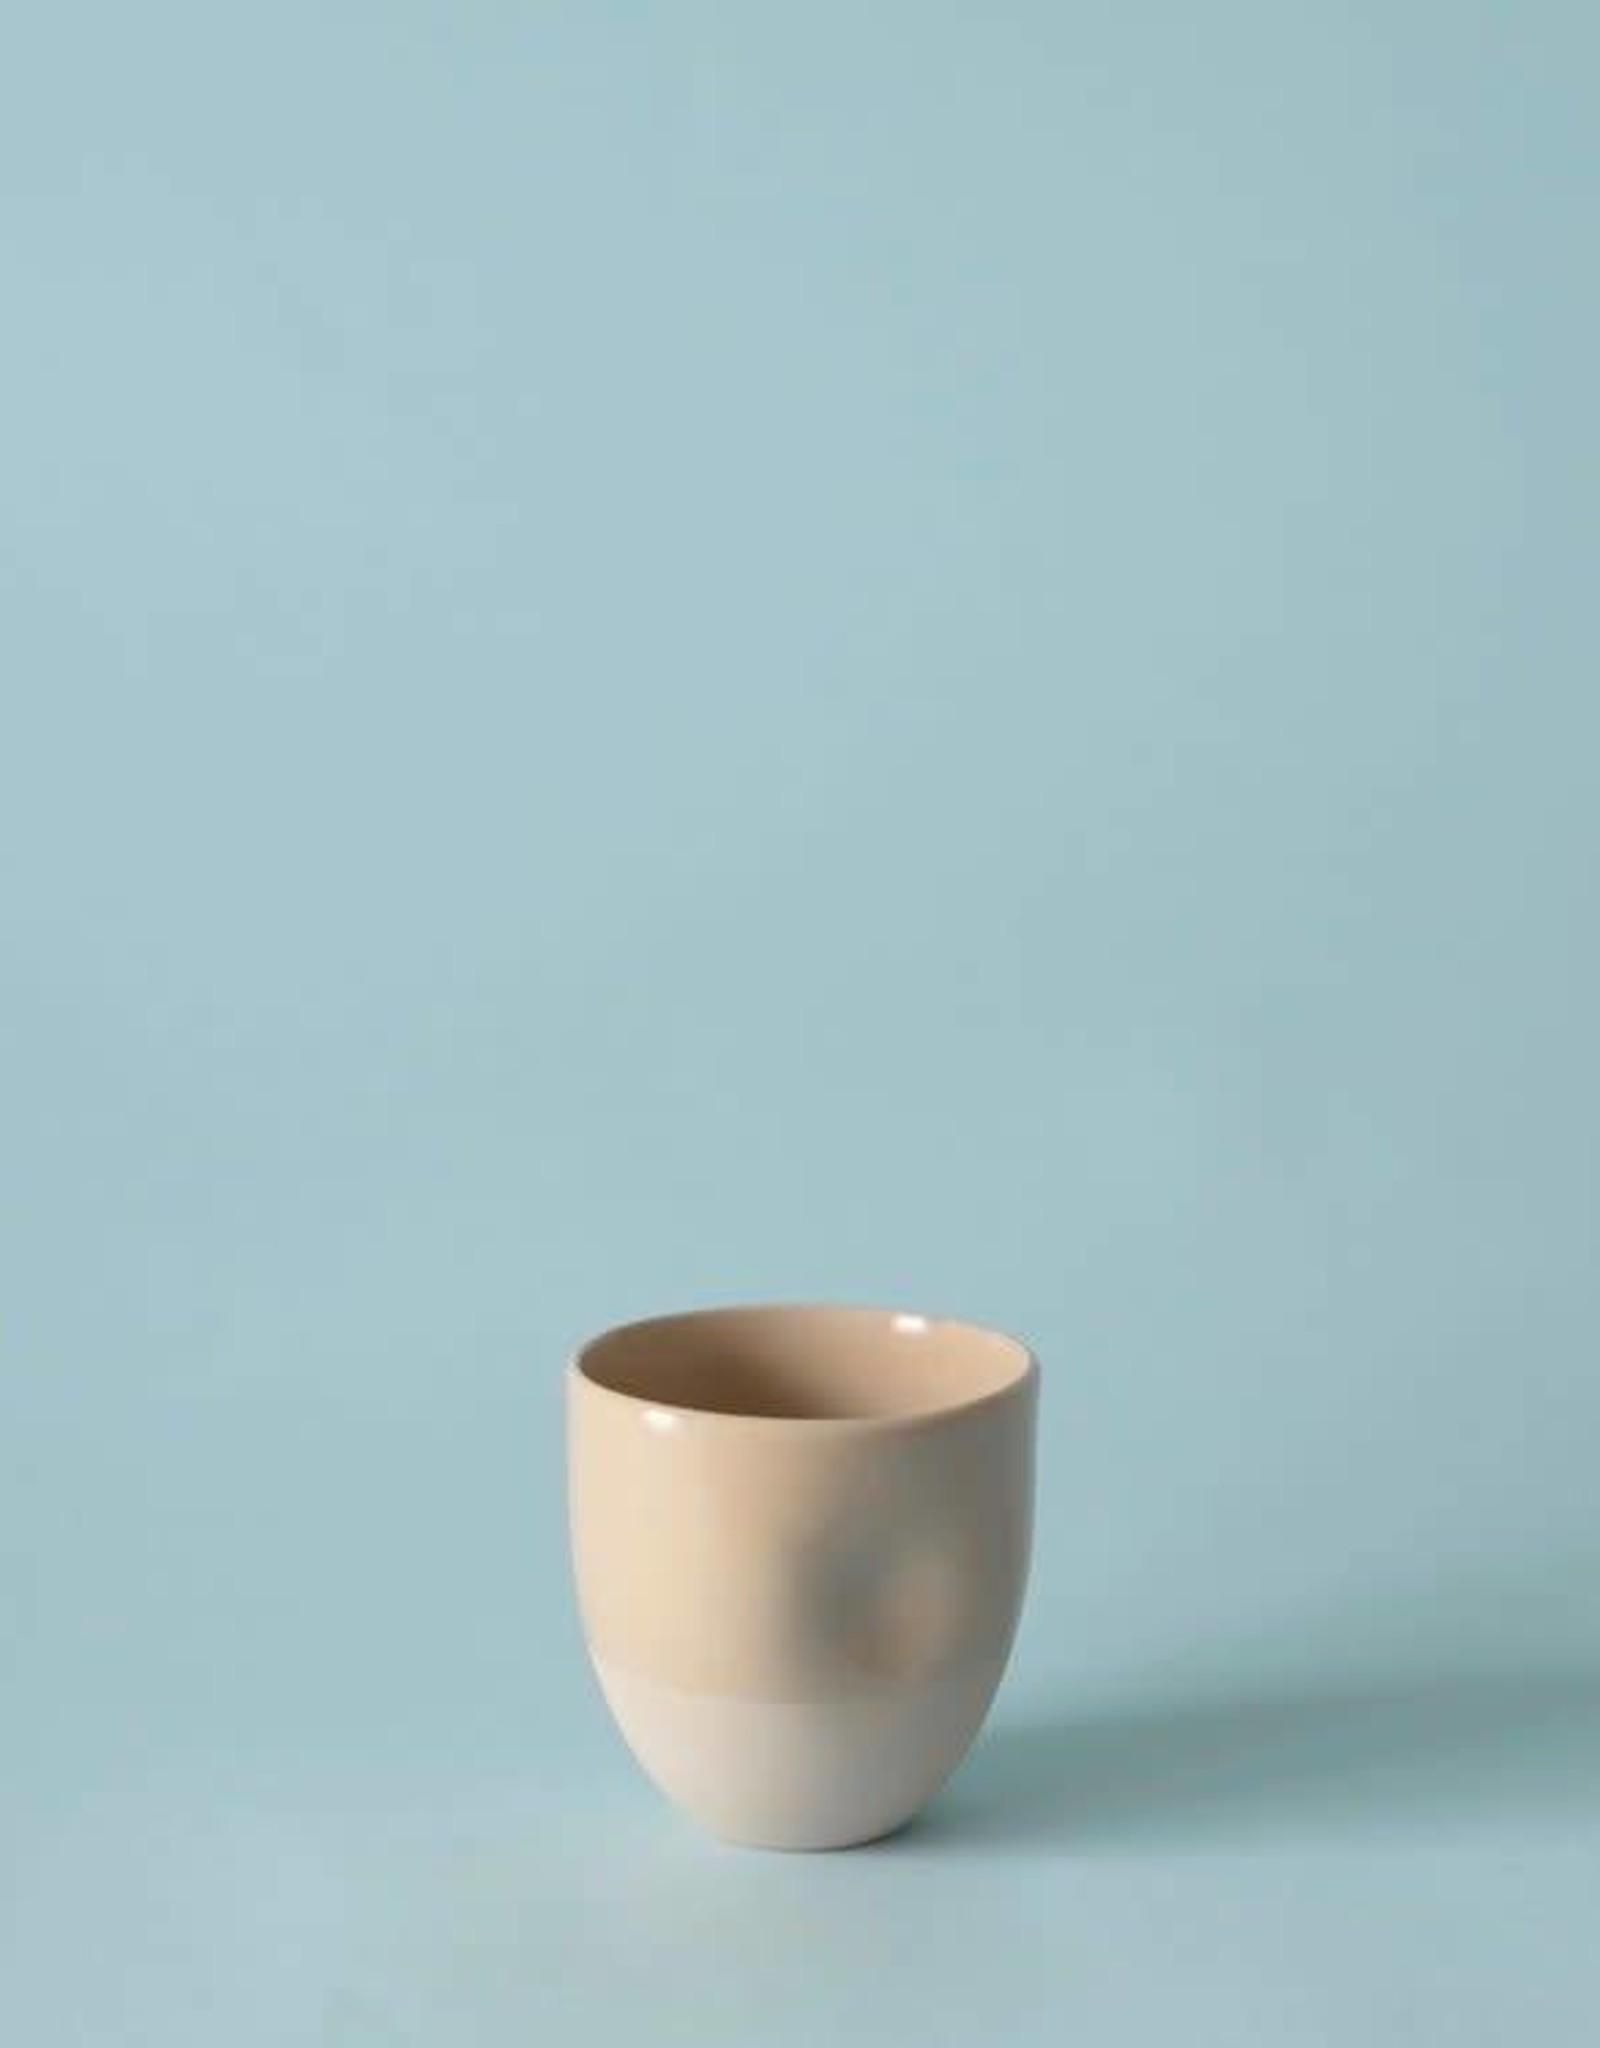 Unique Cup - Latte - Large